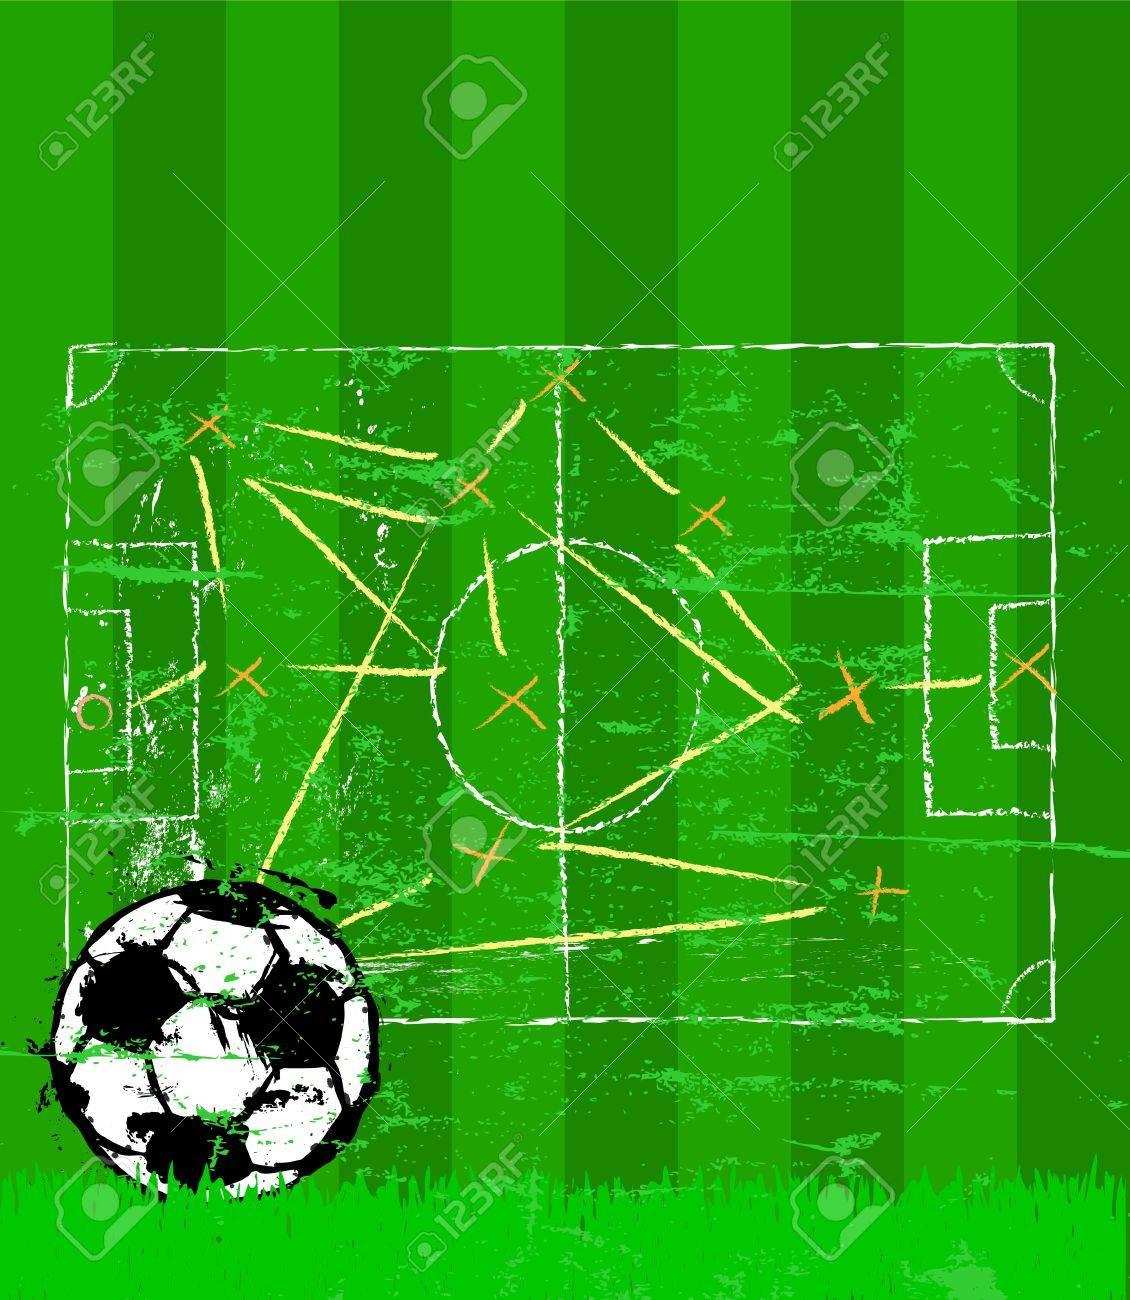 サッカー イラスト、戦術計画お...